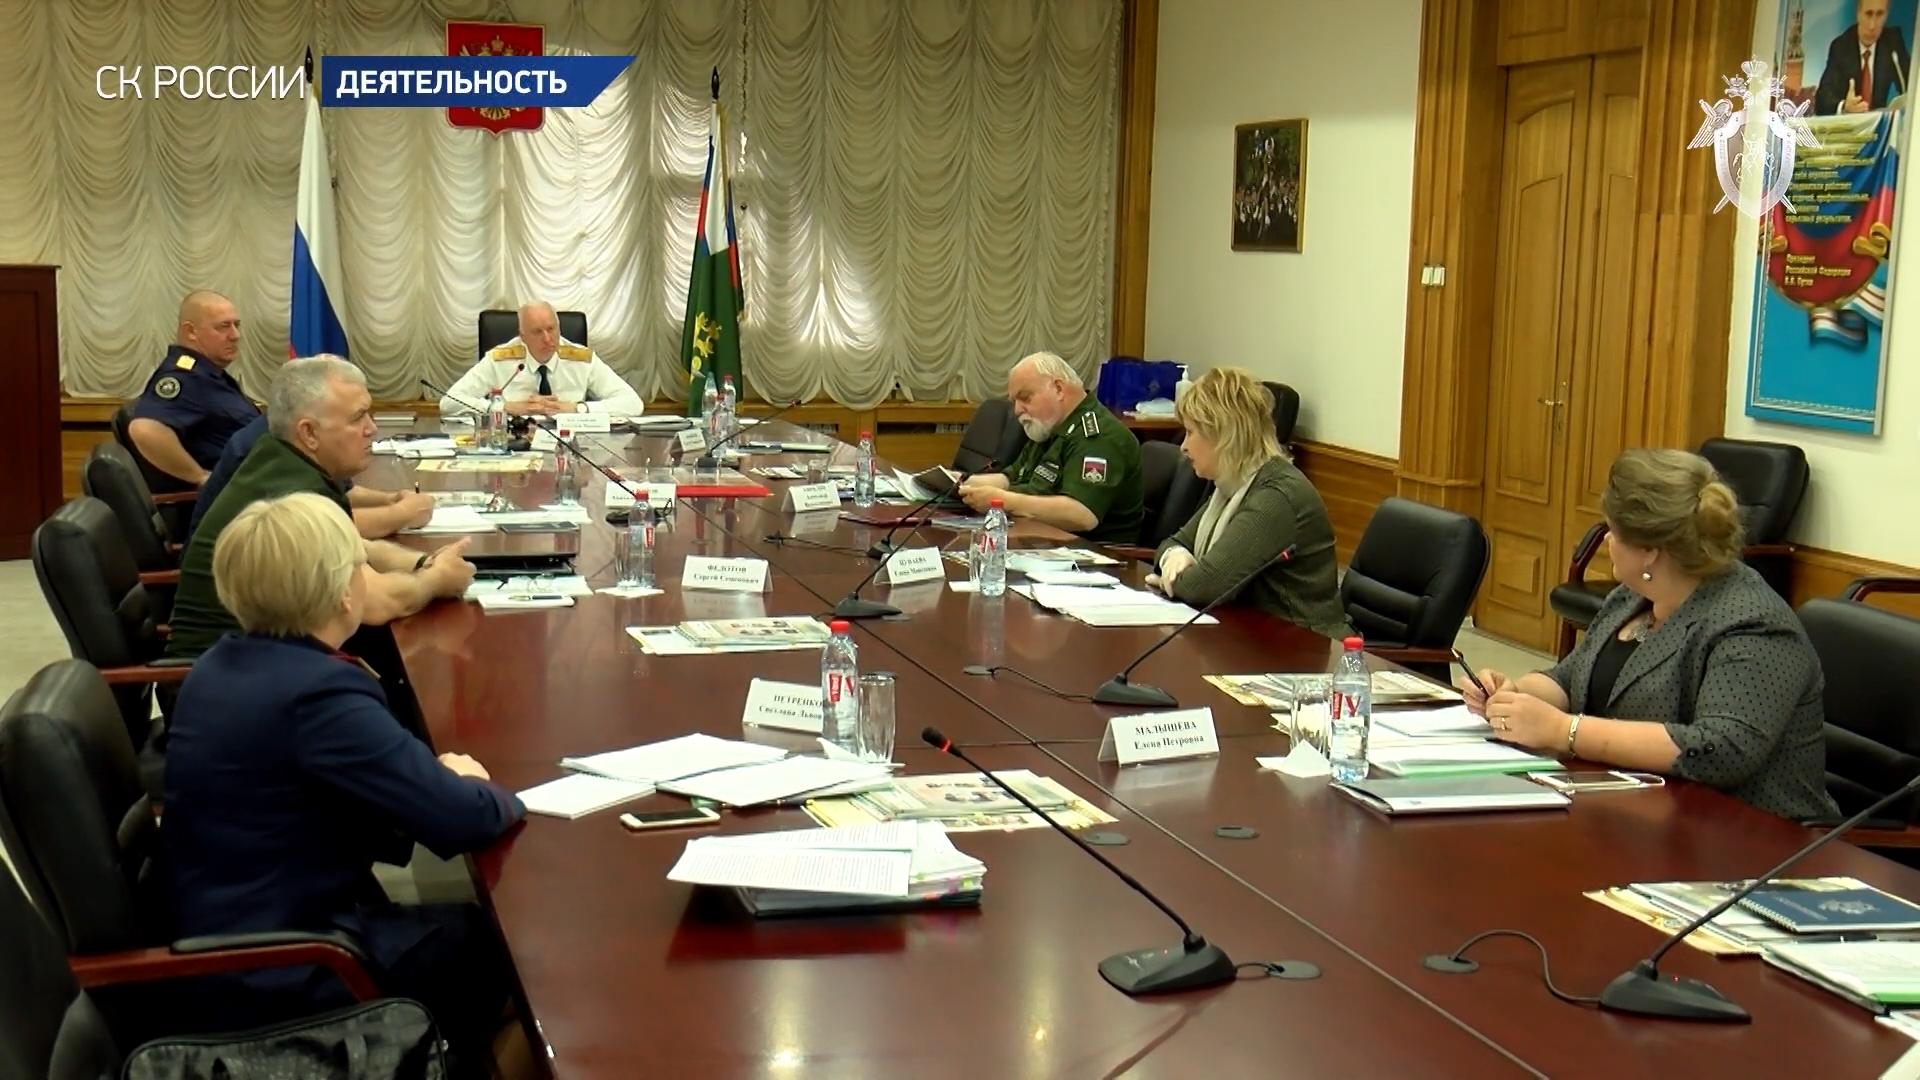 20200702-Состоялось первое заседание штаба по координации поисковой и архивной работы СК России-pic00